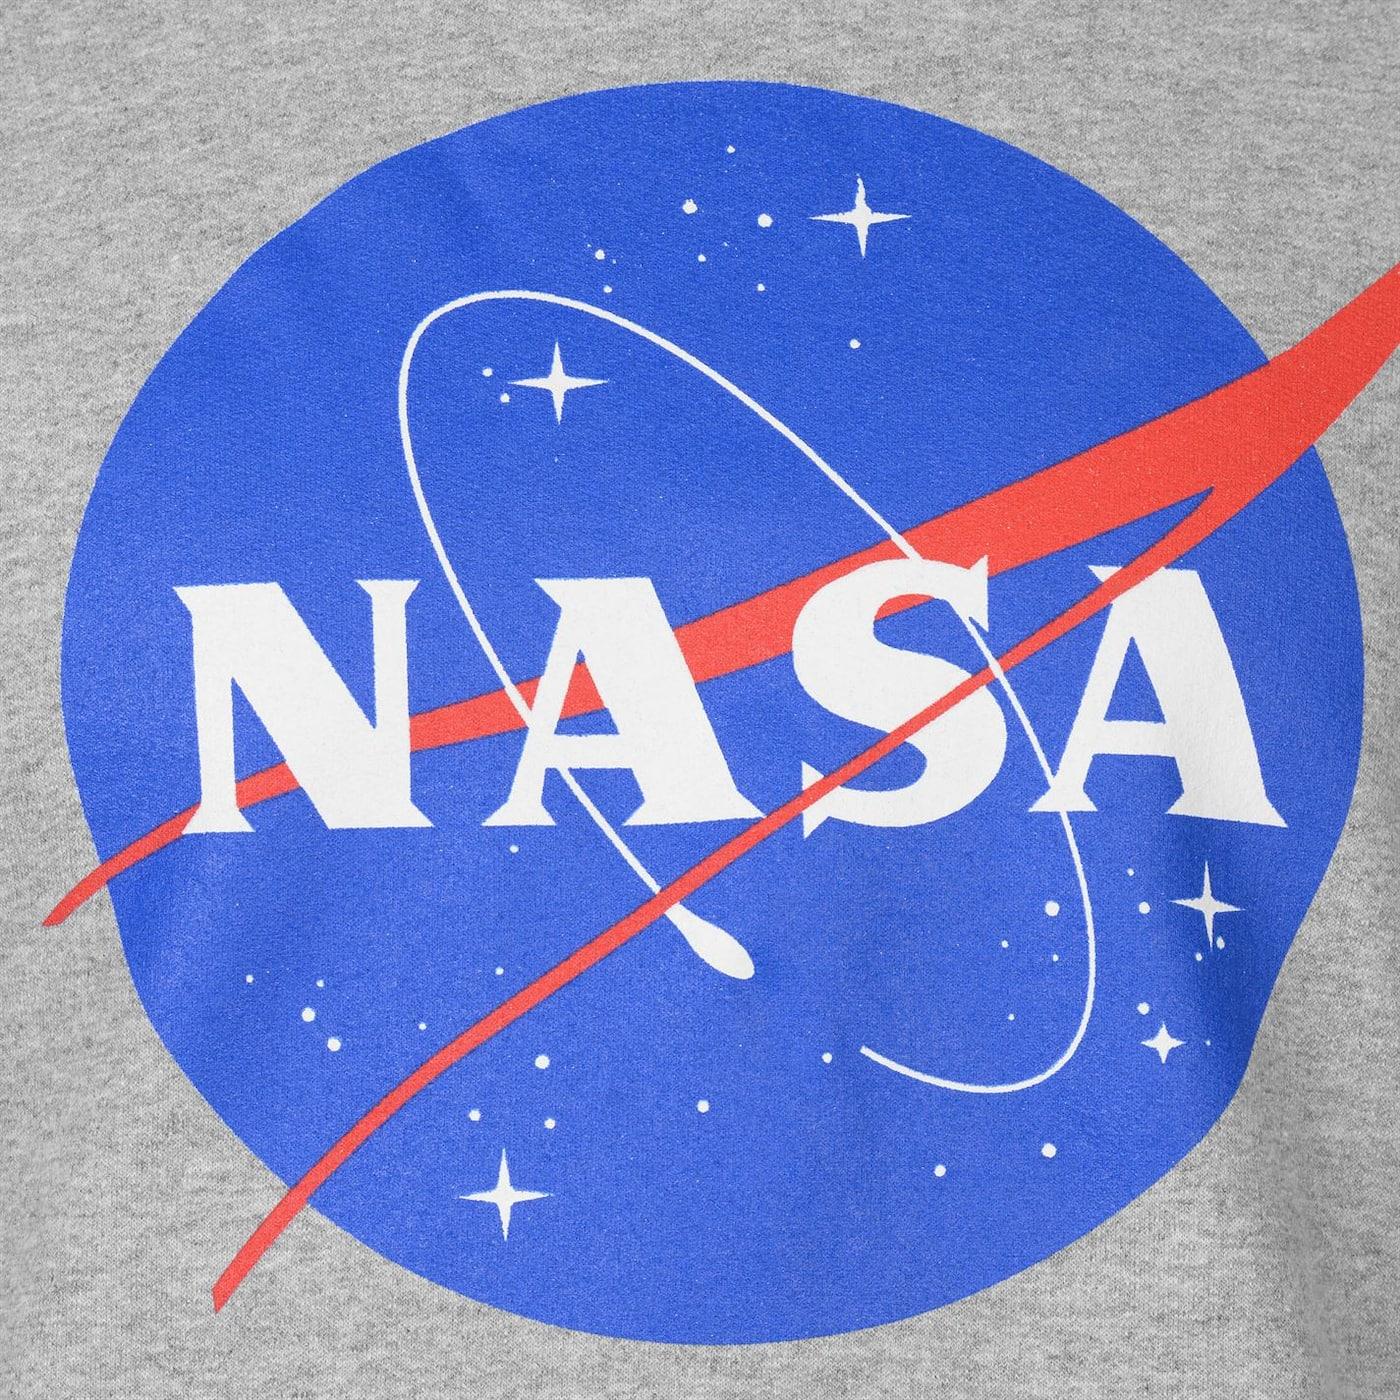 official nasa logo - HD1400×1400